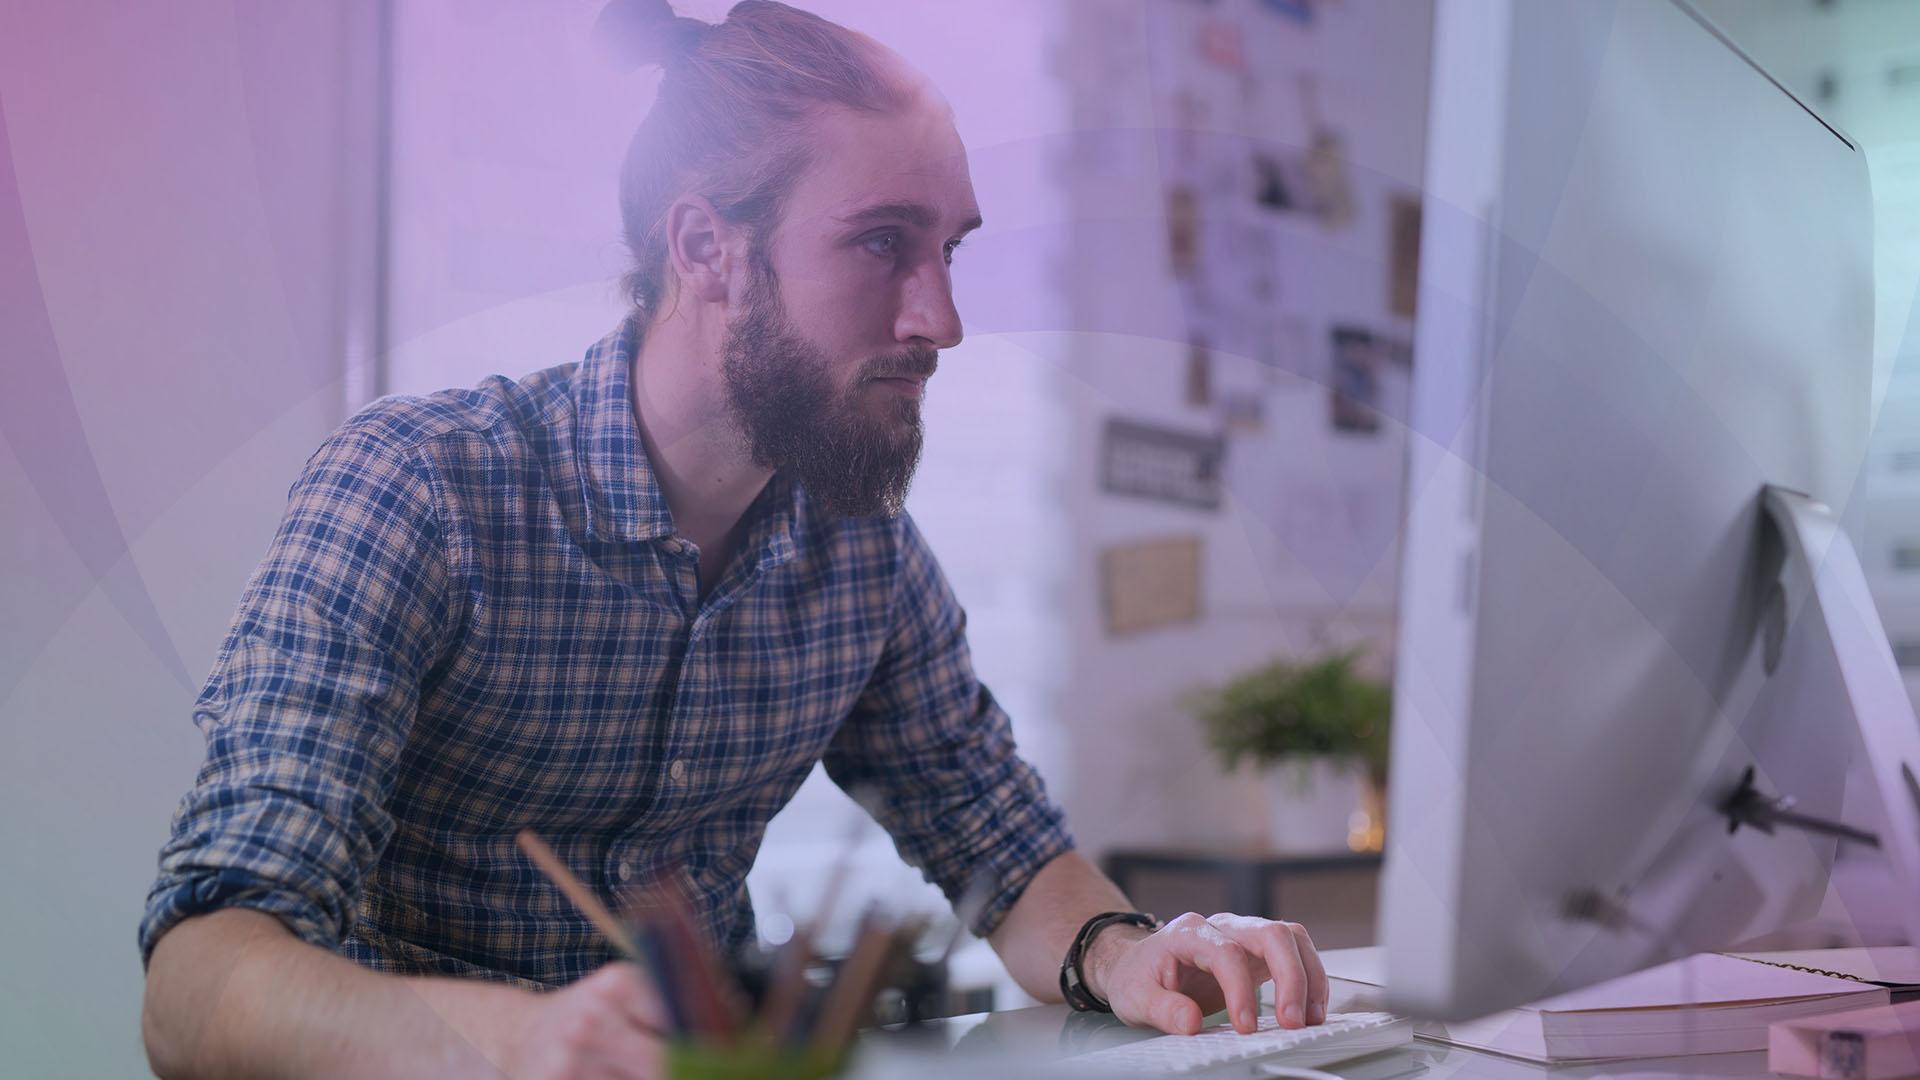 Wirtschaft, Display, Office, Entwickler, Computer, Bildschirm, Mac, Monitor, Stockfotos, Büro, Mann, Selbstständig, Boss, Freelancer, Grafiker, Unternehmer, Desginer, Selbststäniger, bildschirmarbeit